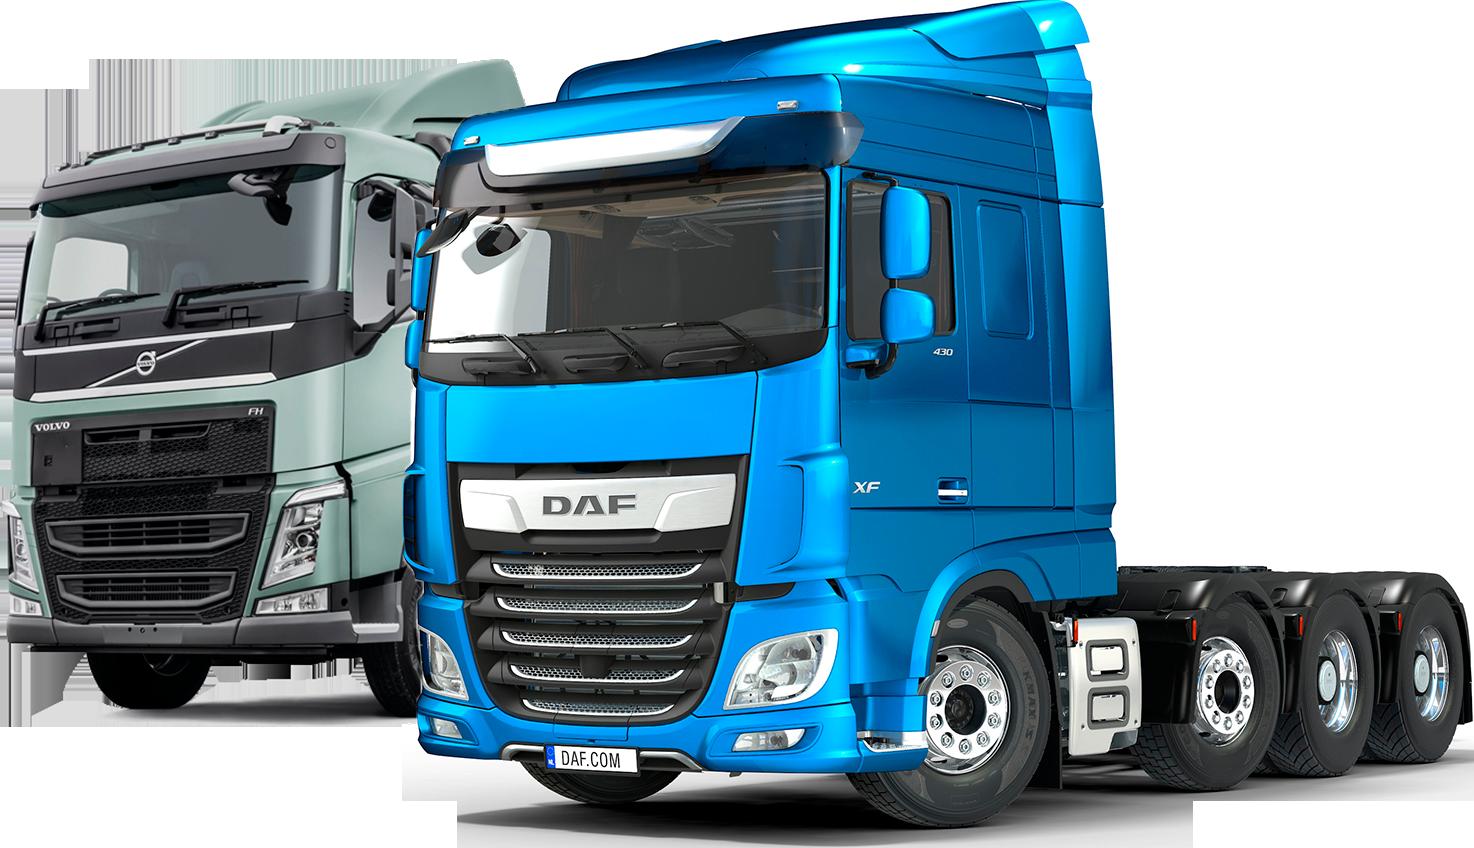 Автозапчасти б/у для грузовых автомобилей